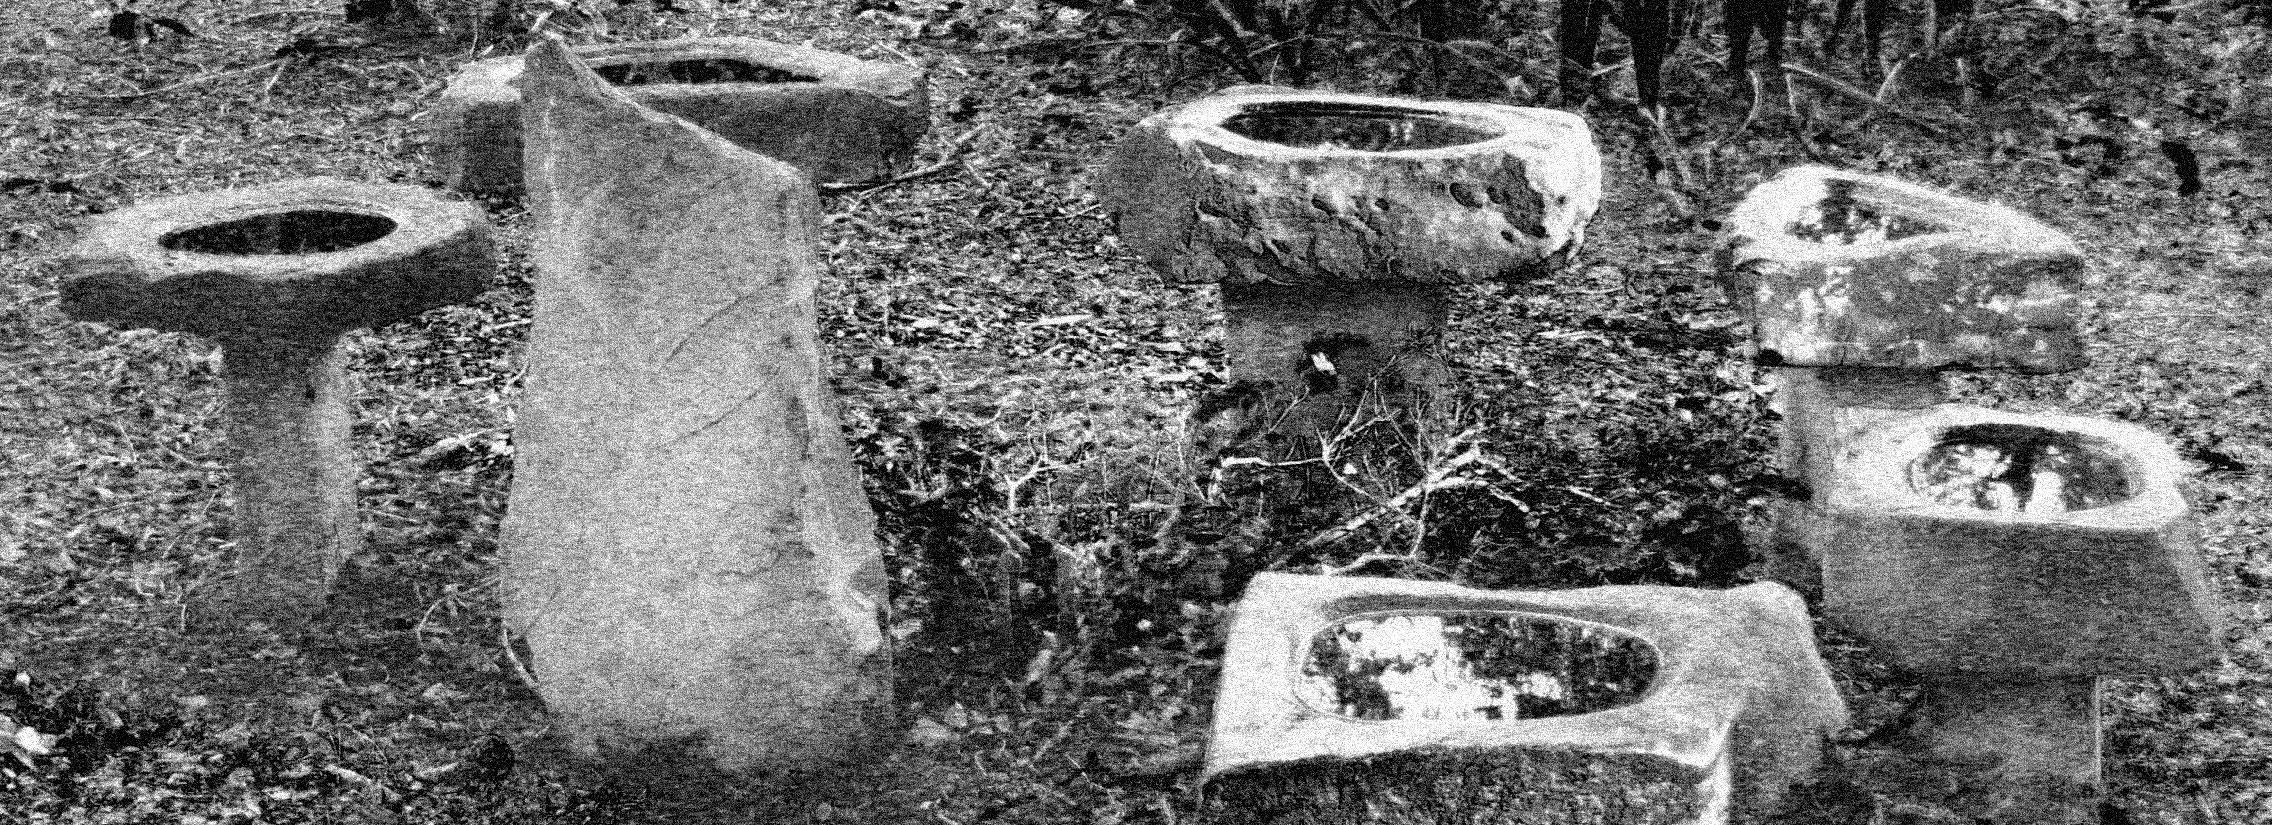 Stone-Statuary-004.jpg